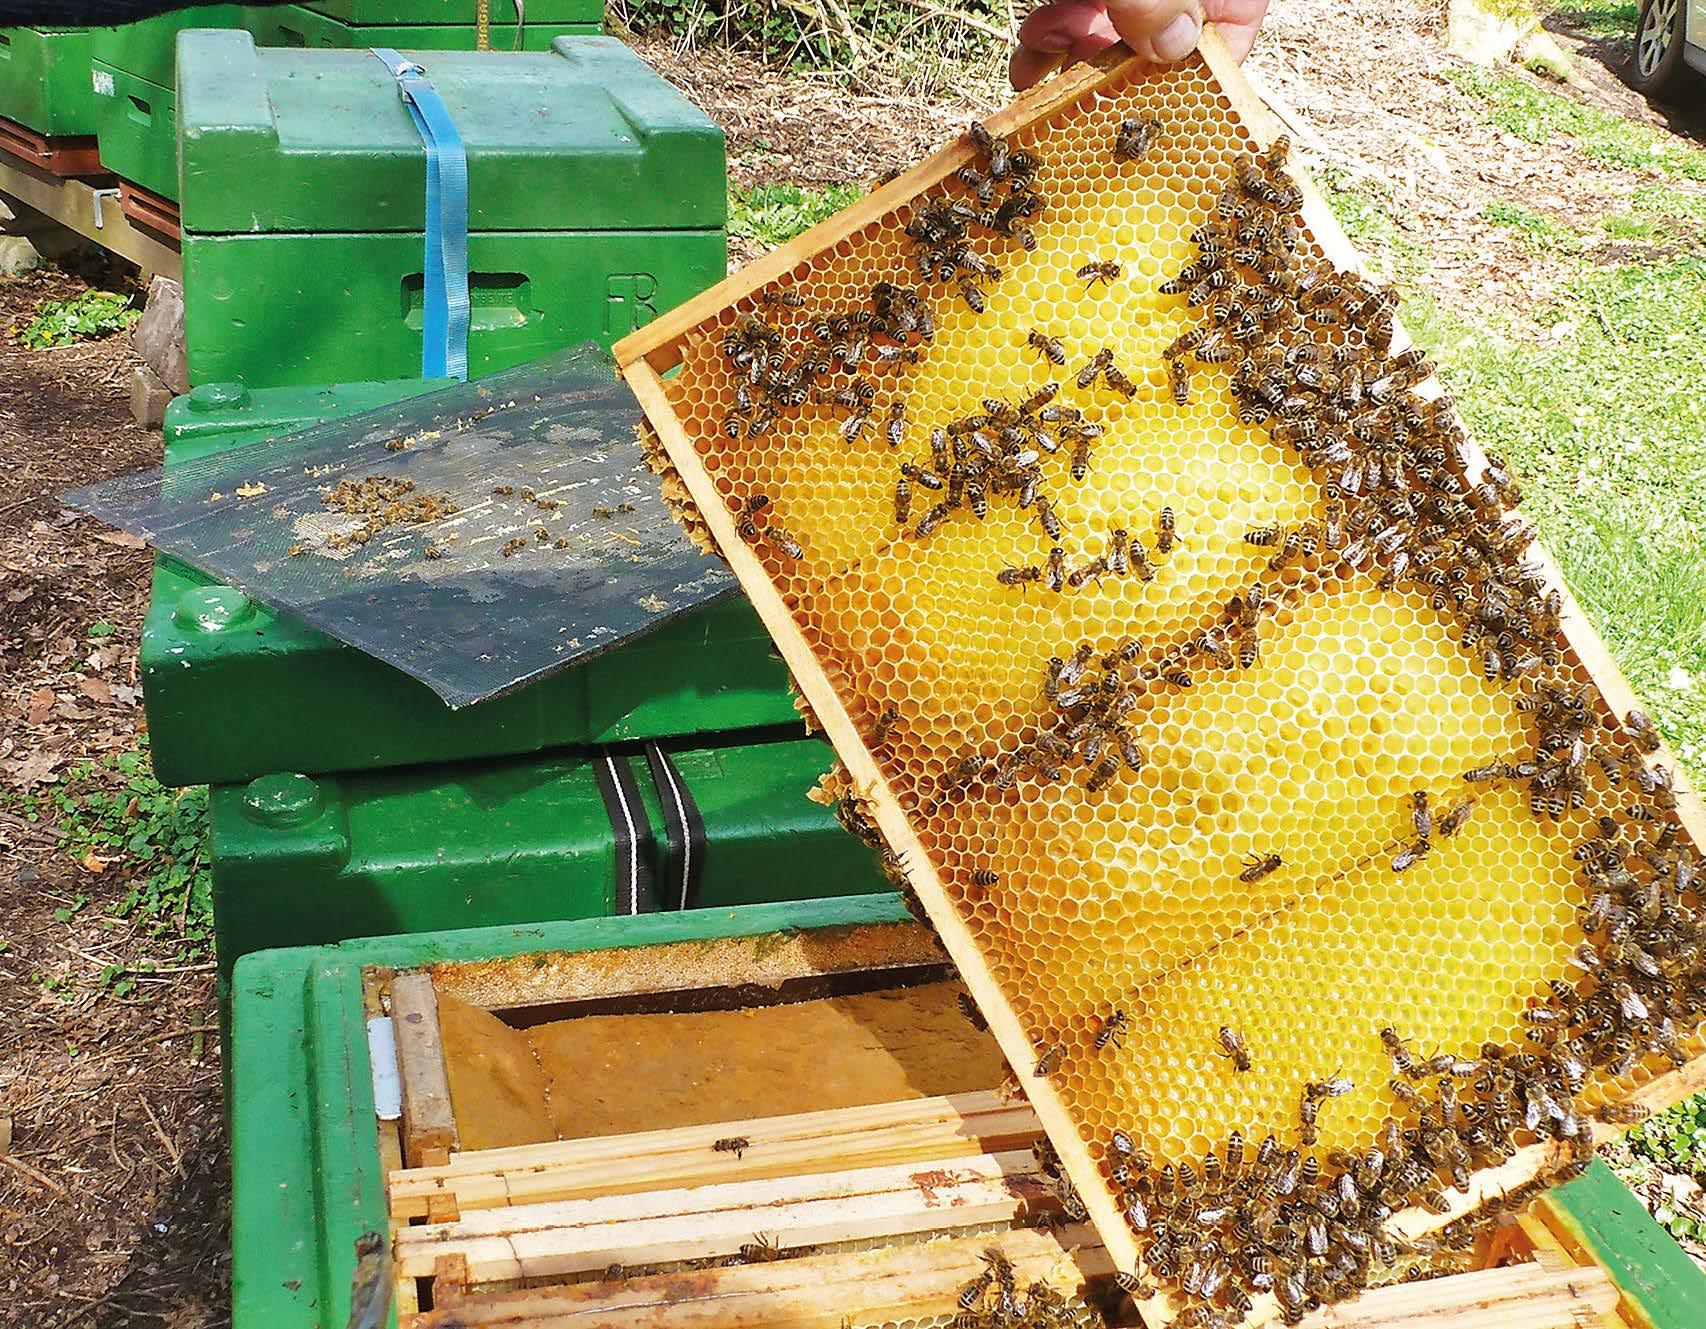 Kerngesunde Bienenvölker bei der Arbeit